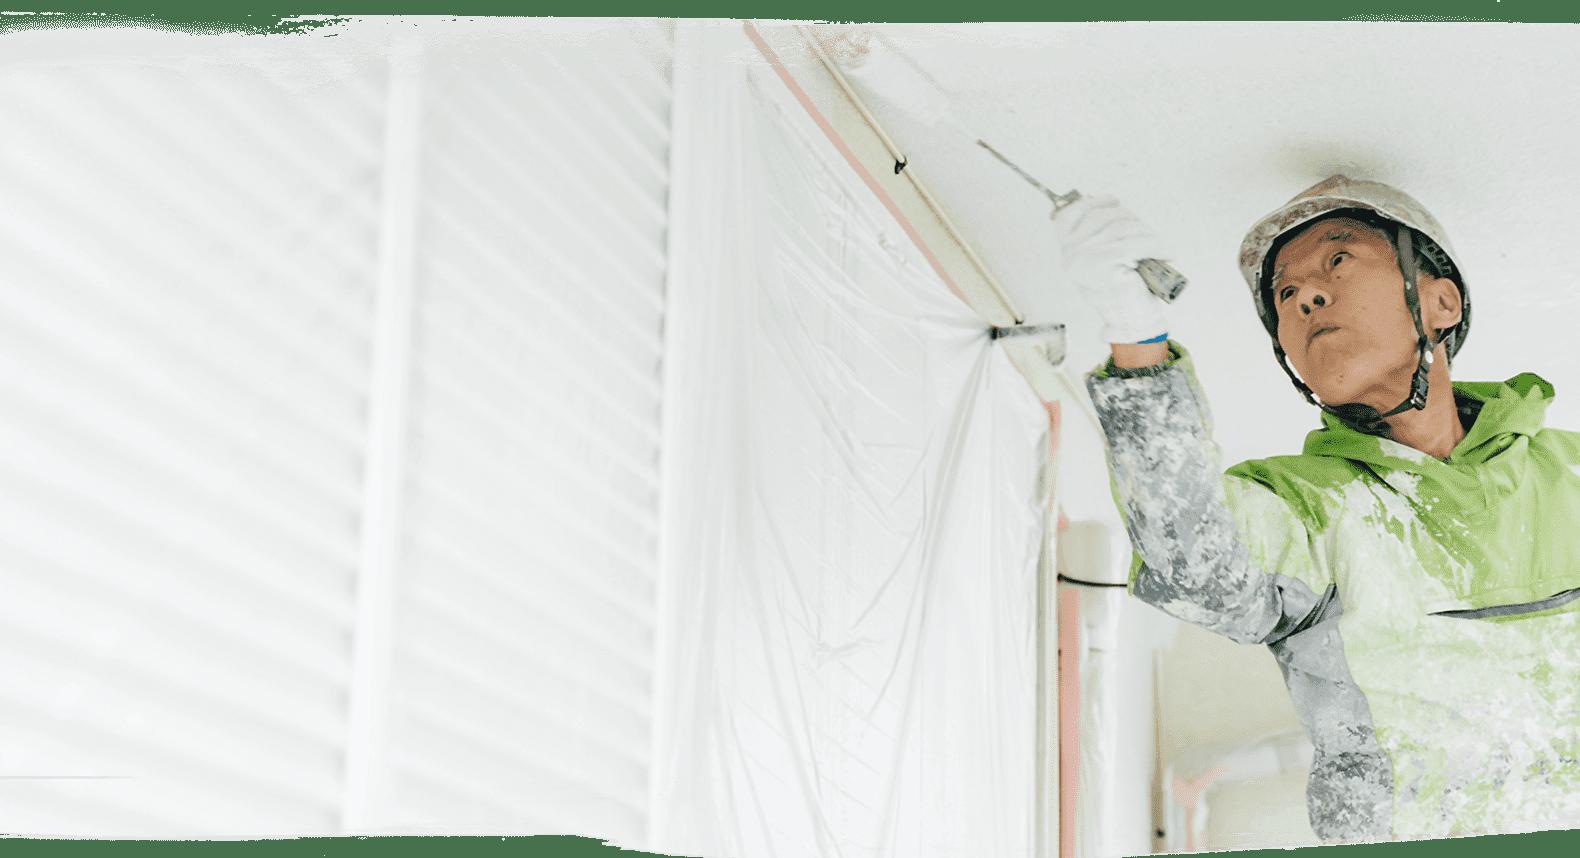 墨田区の外壁や屋根に、安心して任せられる高品質・適正価格な塗装を。